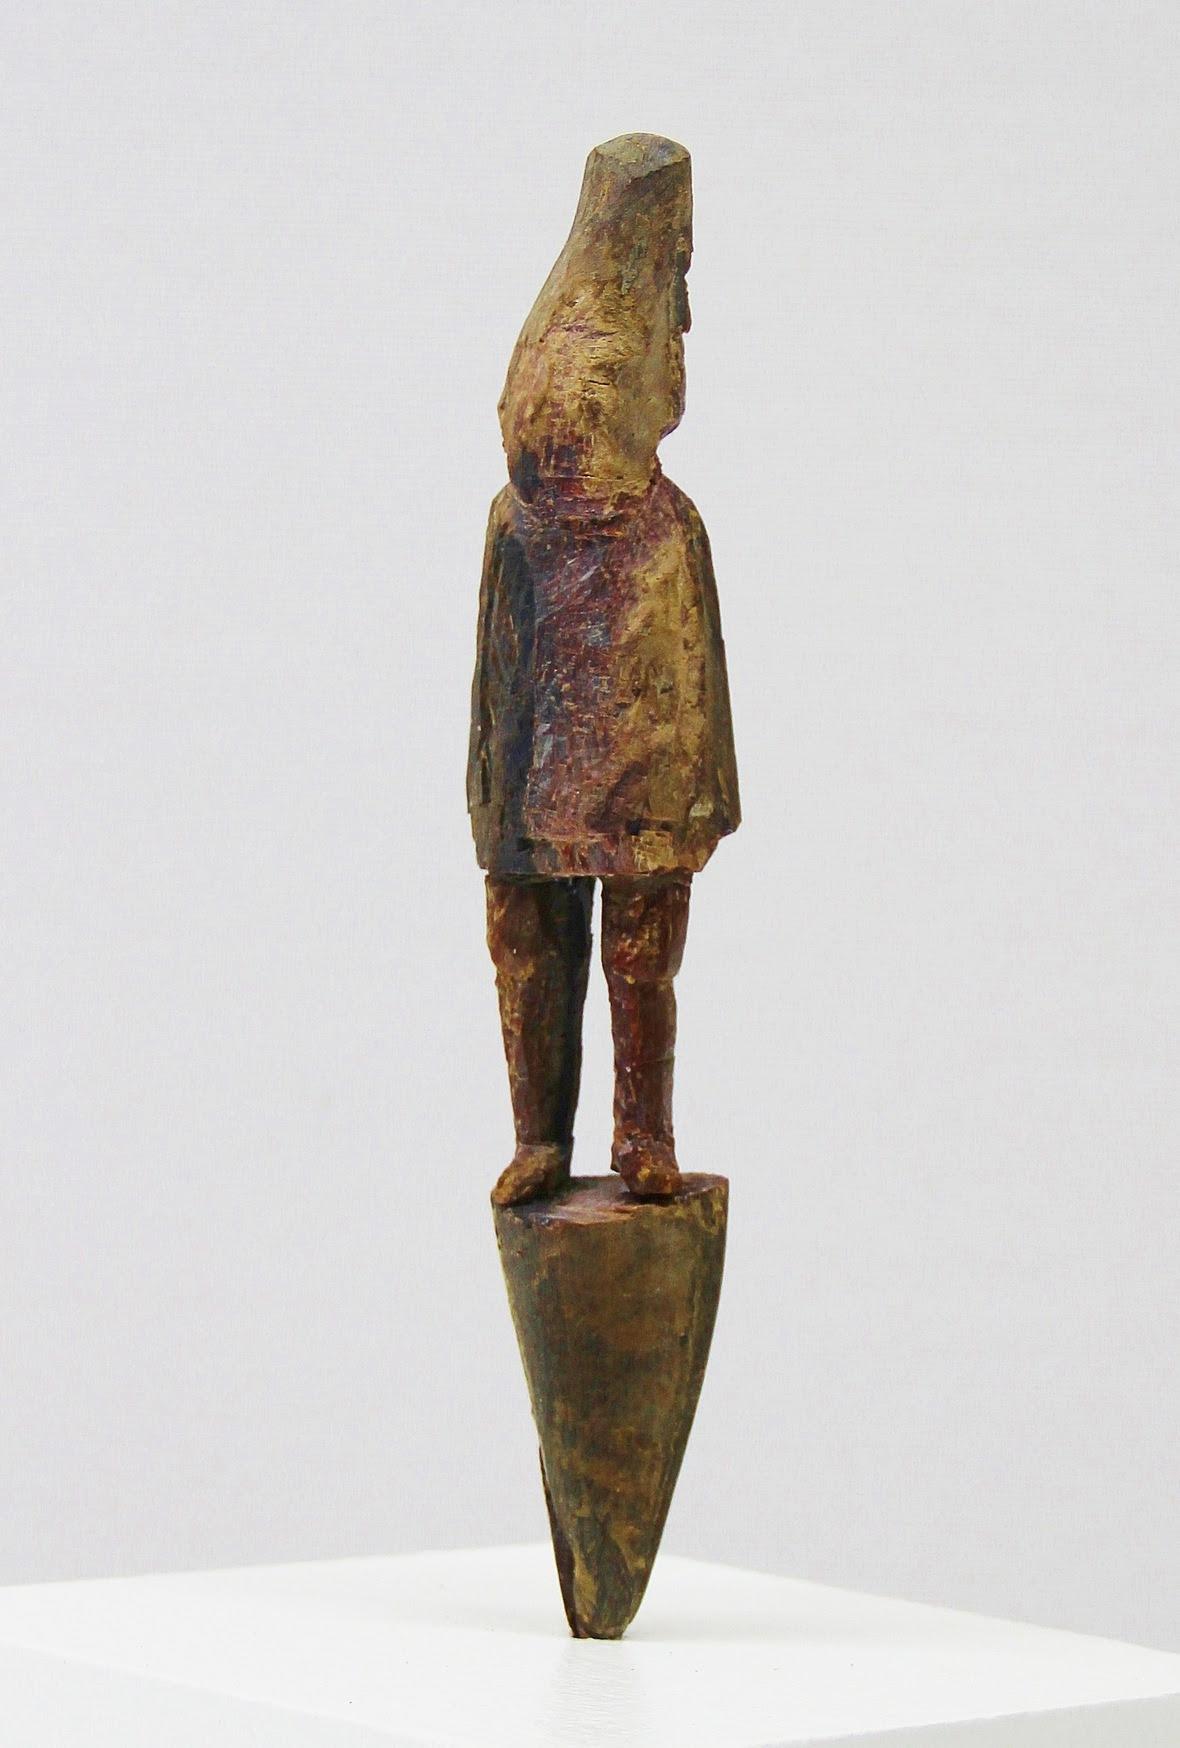 削っちゃダメ! 高嶋英男「鰹節彫刻 – Bonito Sculpture」展【今週のおす